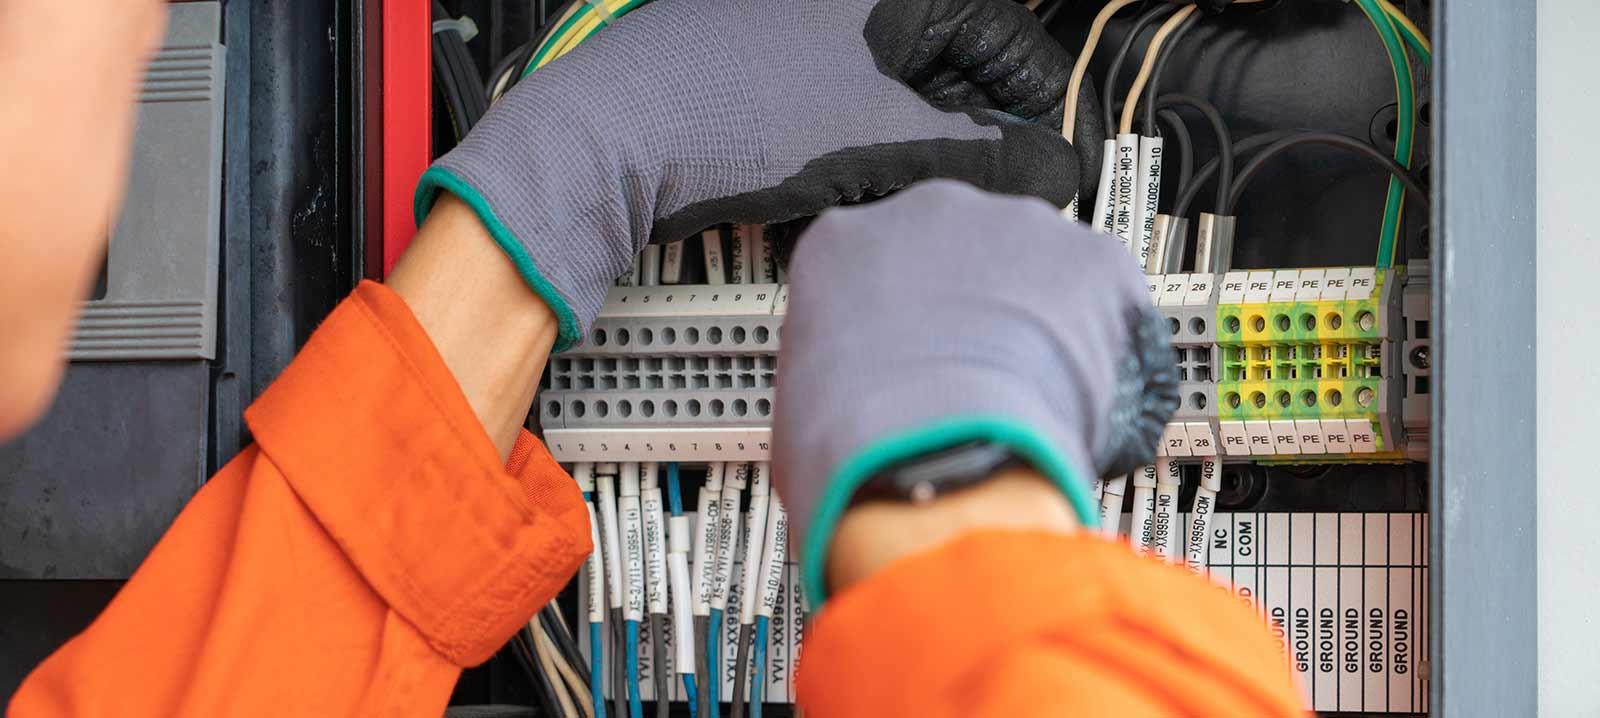 Consultant en électricité dans le domaine de l'ingénierie du bâtiment situé à Bagnolet près de Paris